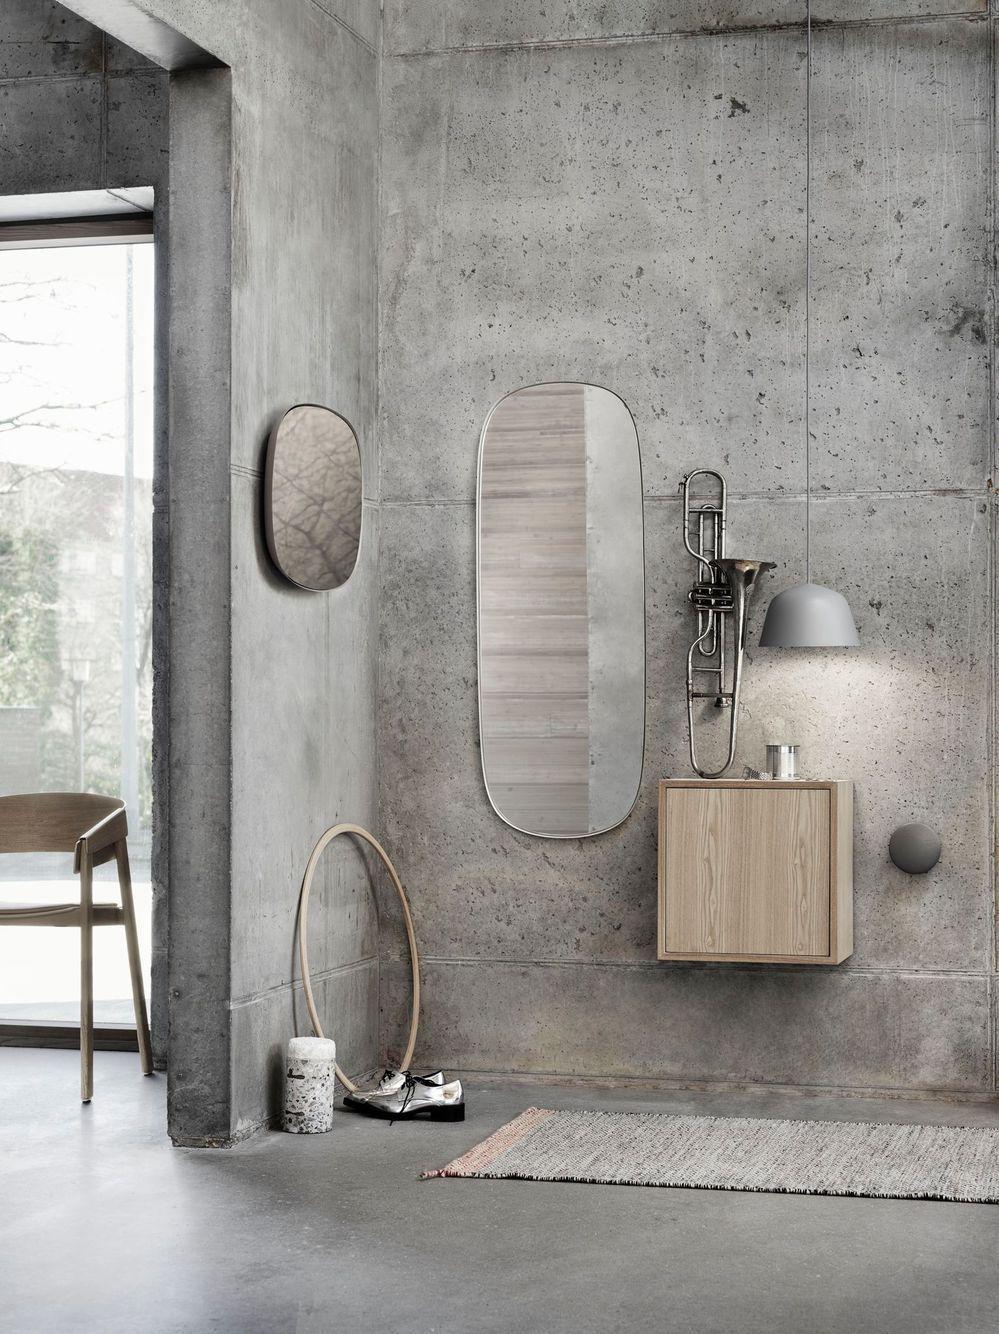 salon du meuble milan 2016 25 meubles et accessoires design milan salon et meubles. Black Bedroom Furniture Sets. Home Design Ideas